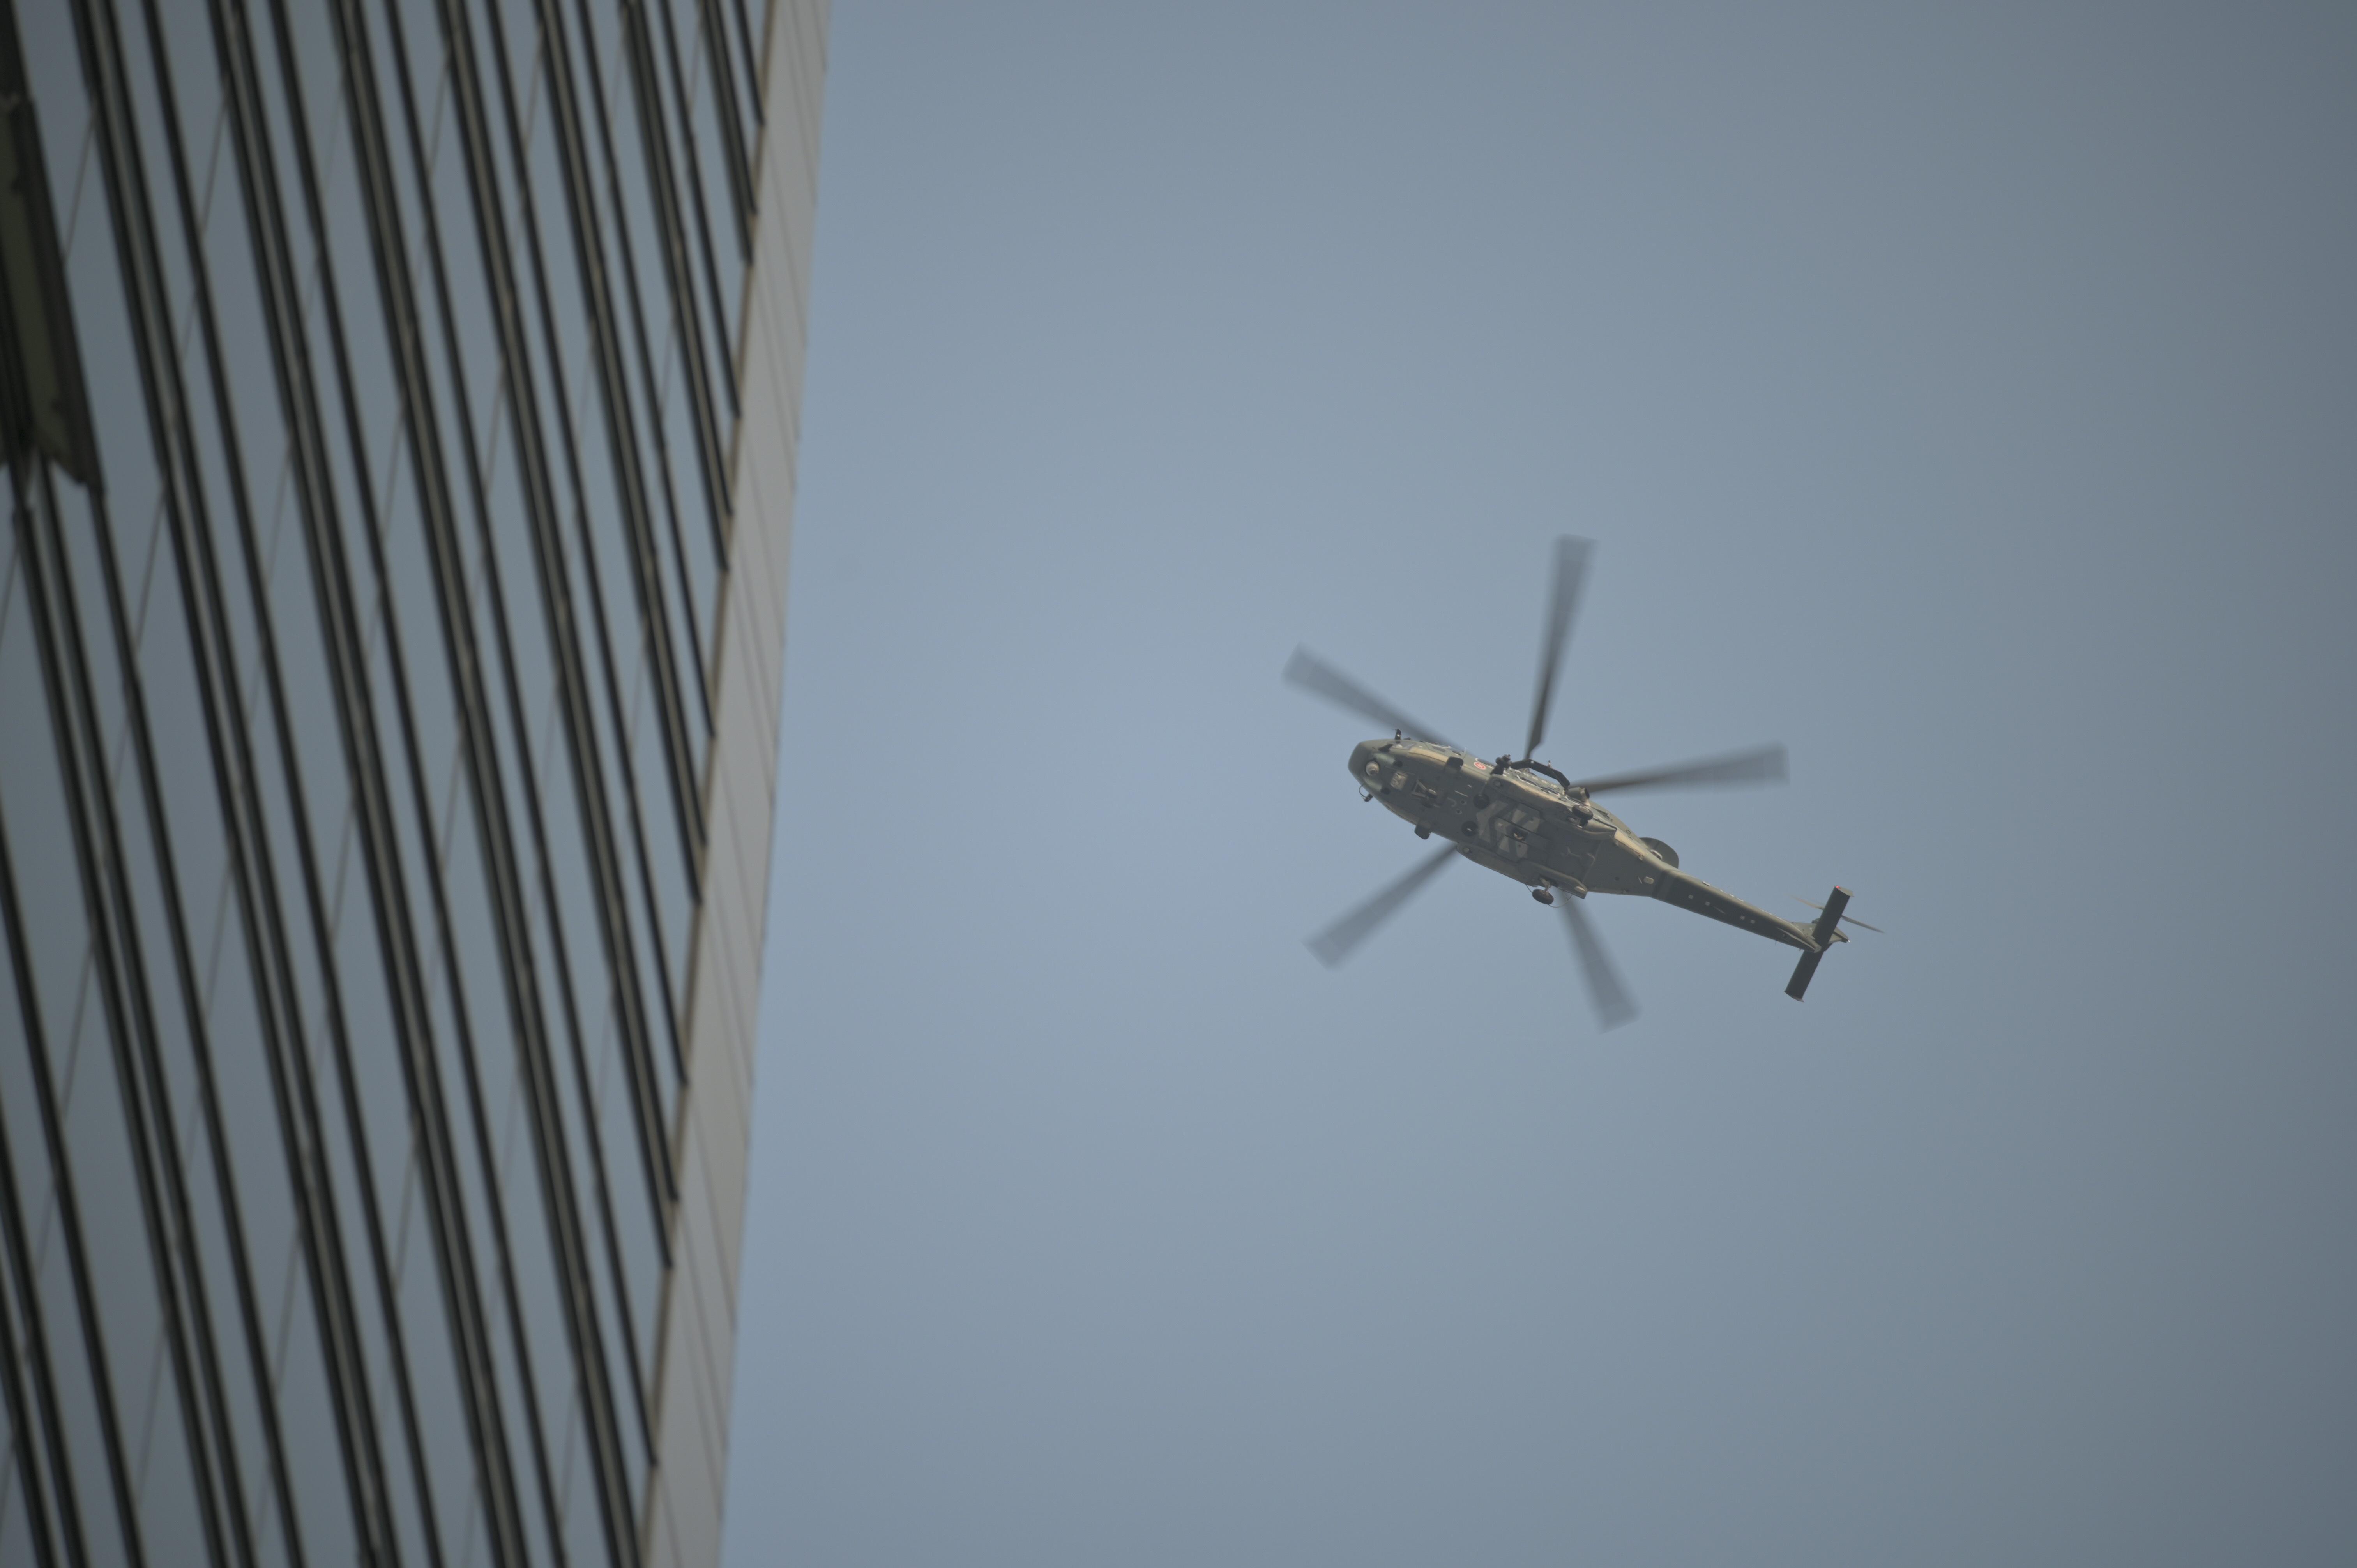 【修例风波】飞服队派22架次直升机支援警方执法 当局指无向人群洒粉末